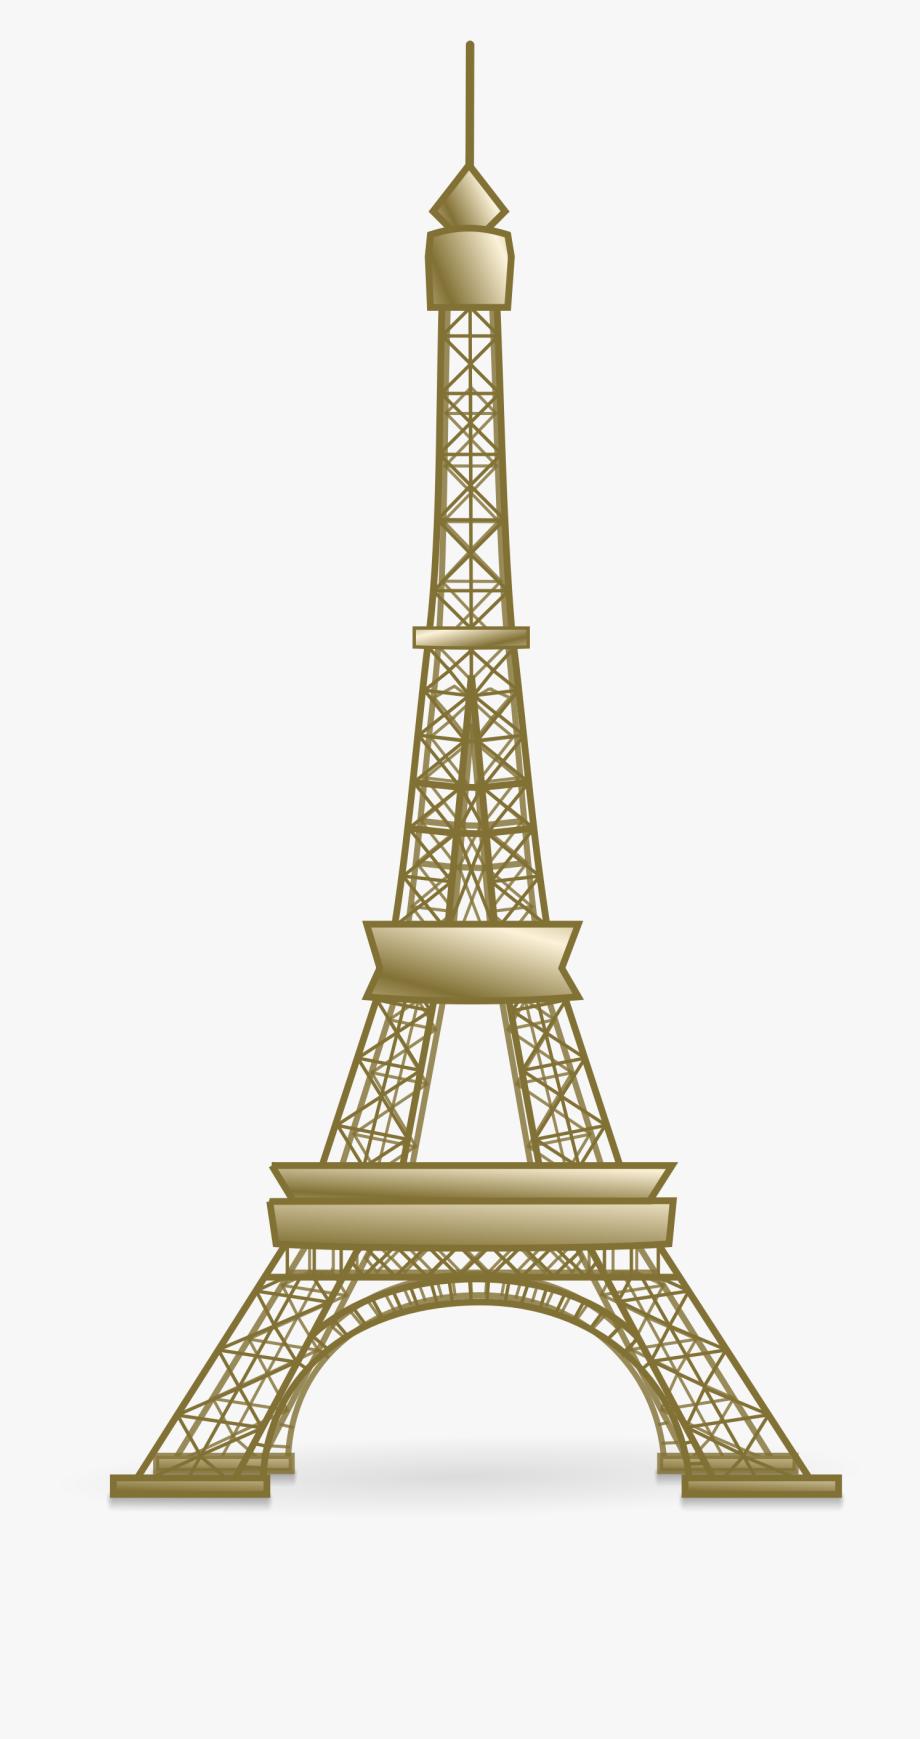 Eiffel Tower Art On Paris Paris Art And Tour Eiffel.